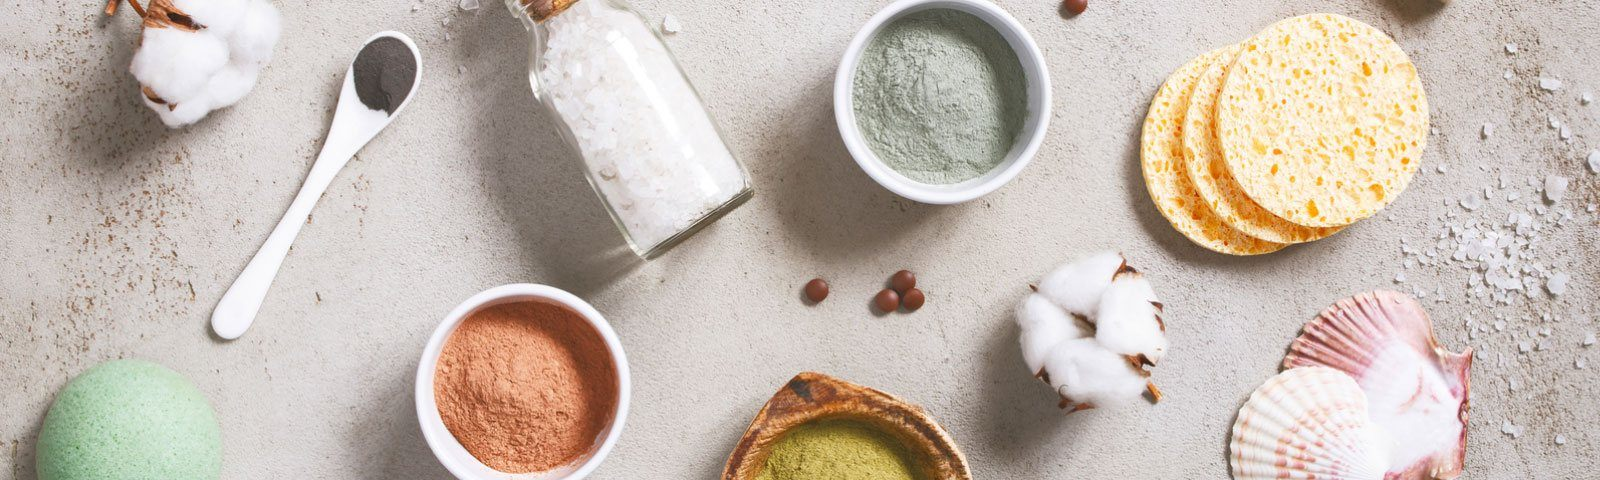 Jakie naturalne składniki ekspresowo poprawiają wygląd cery?